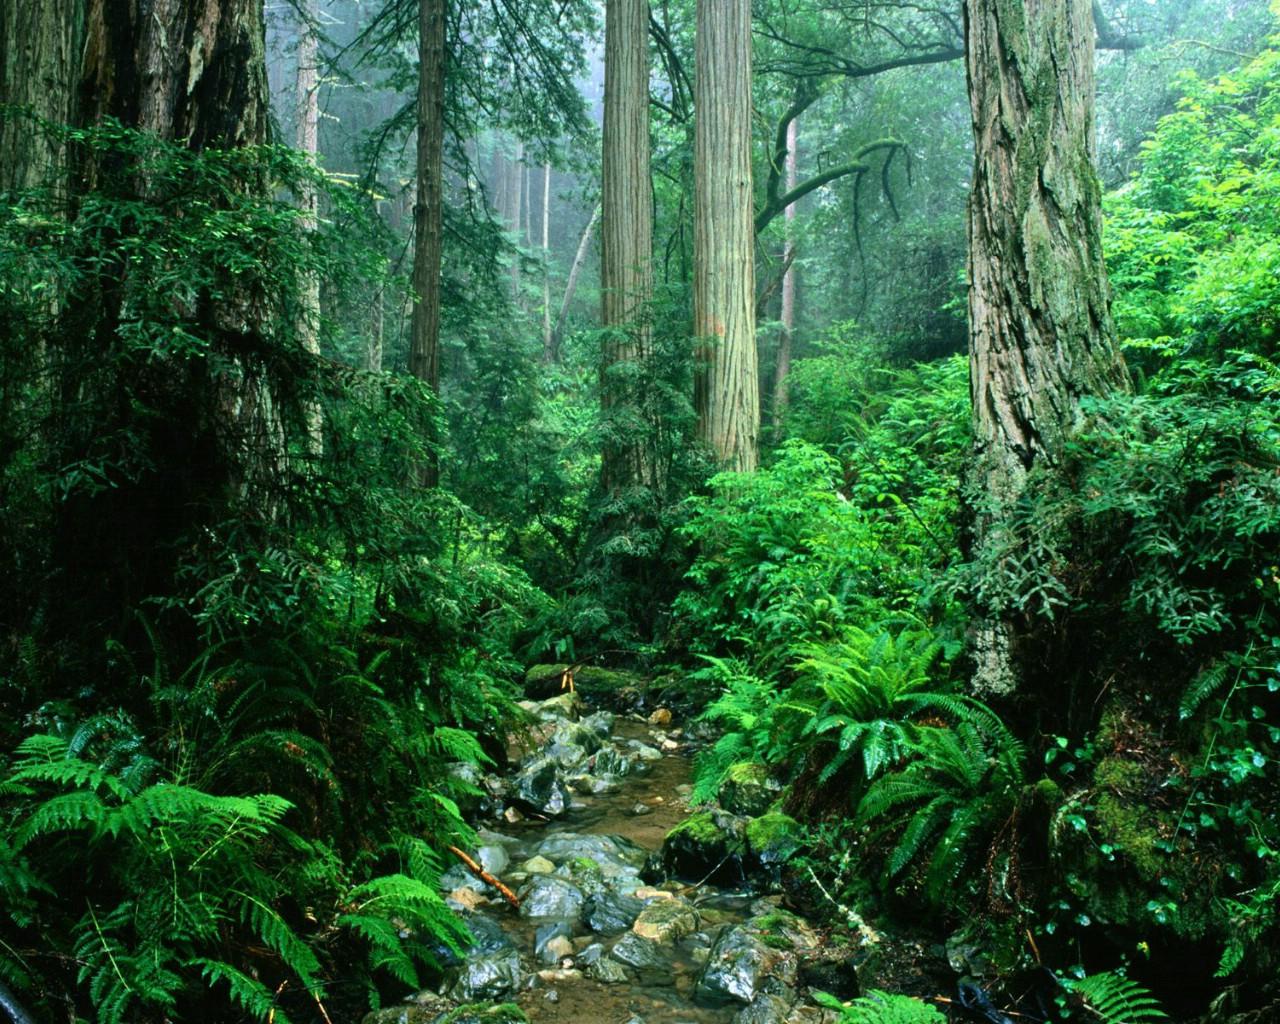 壁纸1280×1024森林树木壁纸,森林树木壁纸图片-植物